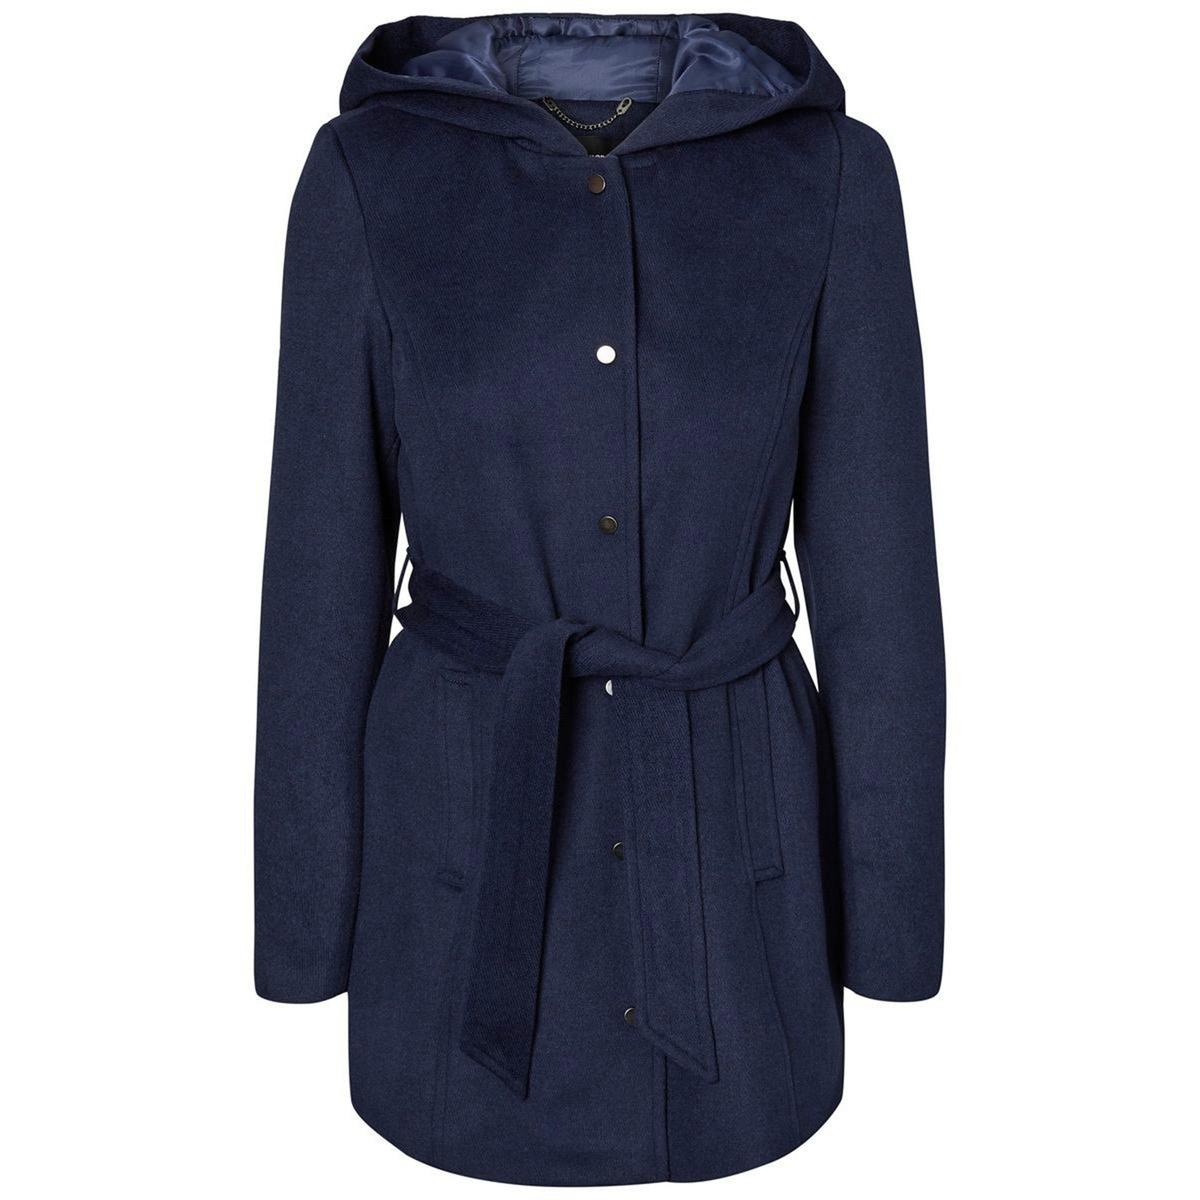 Пальто с капюшоном средней длины из шерстяного драпа пальто с капюшоном из шерстяного драпа